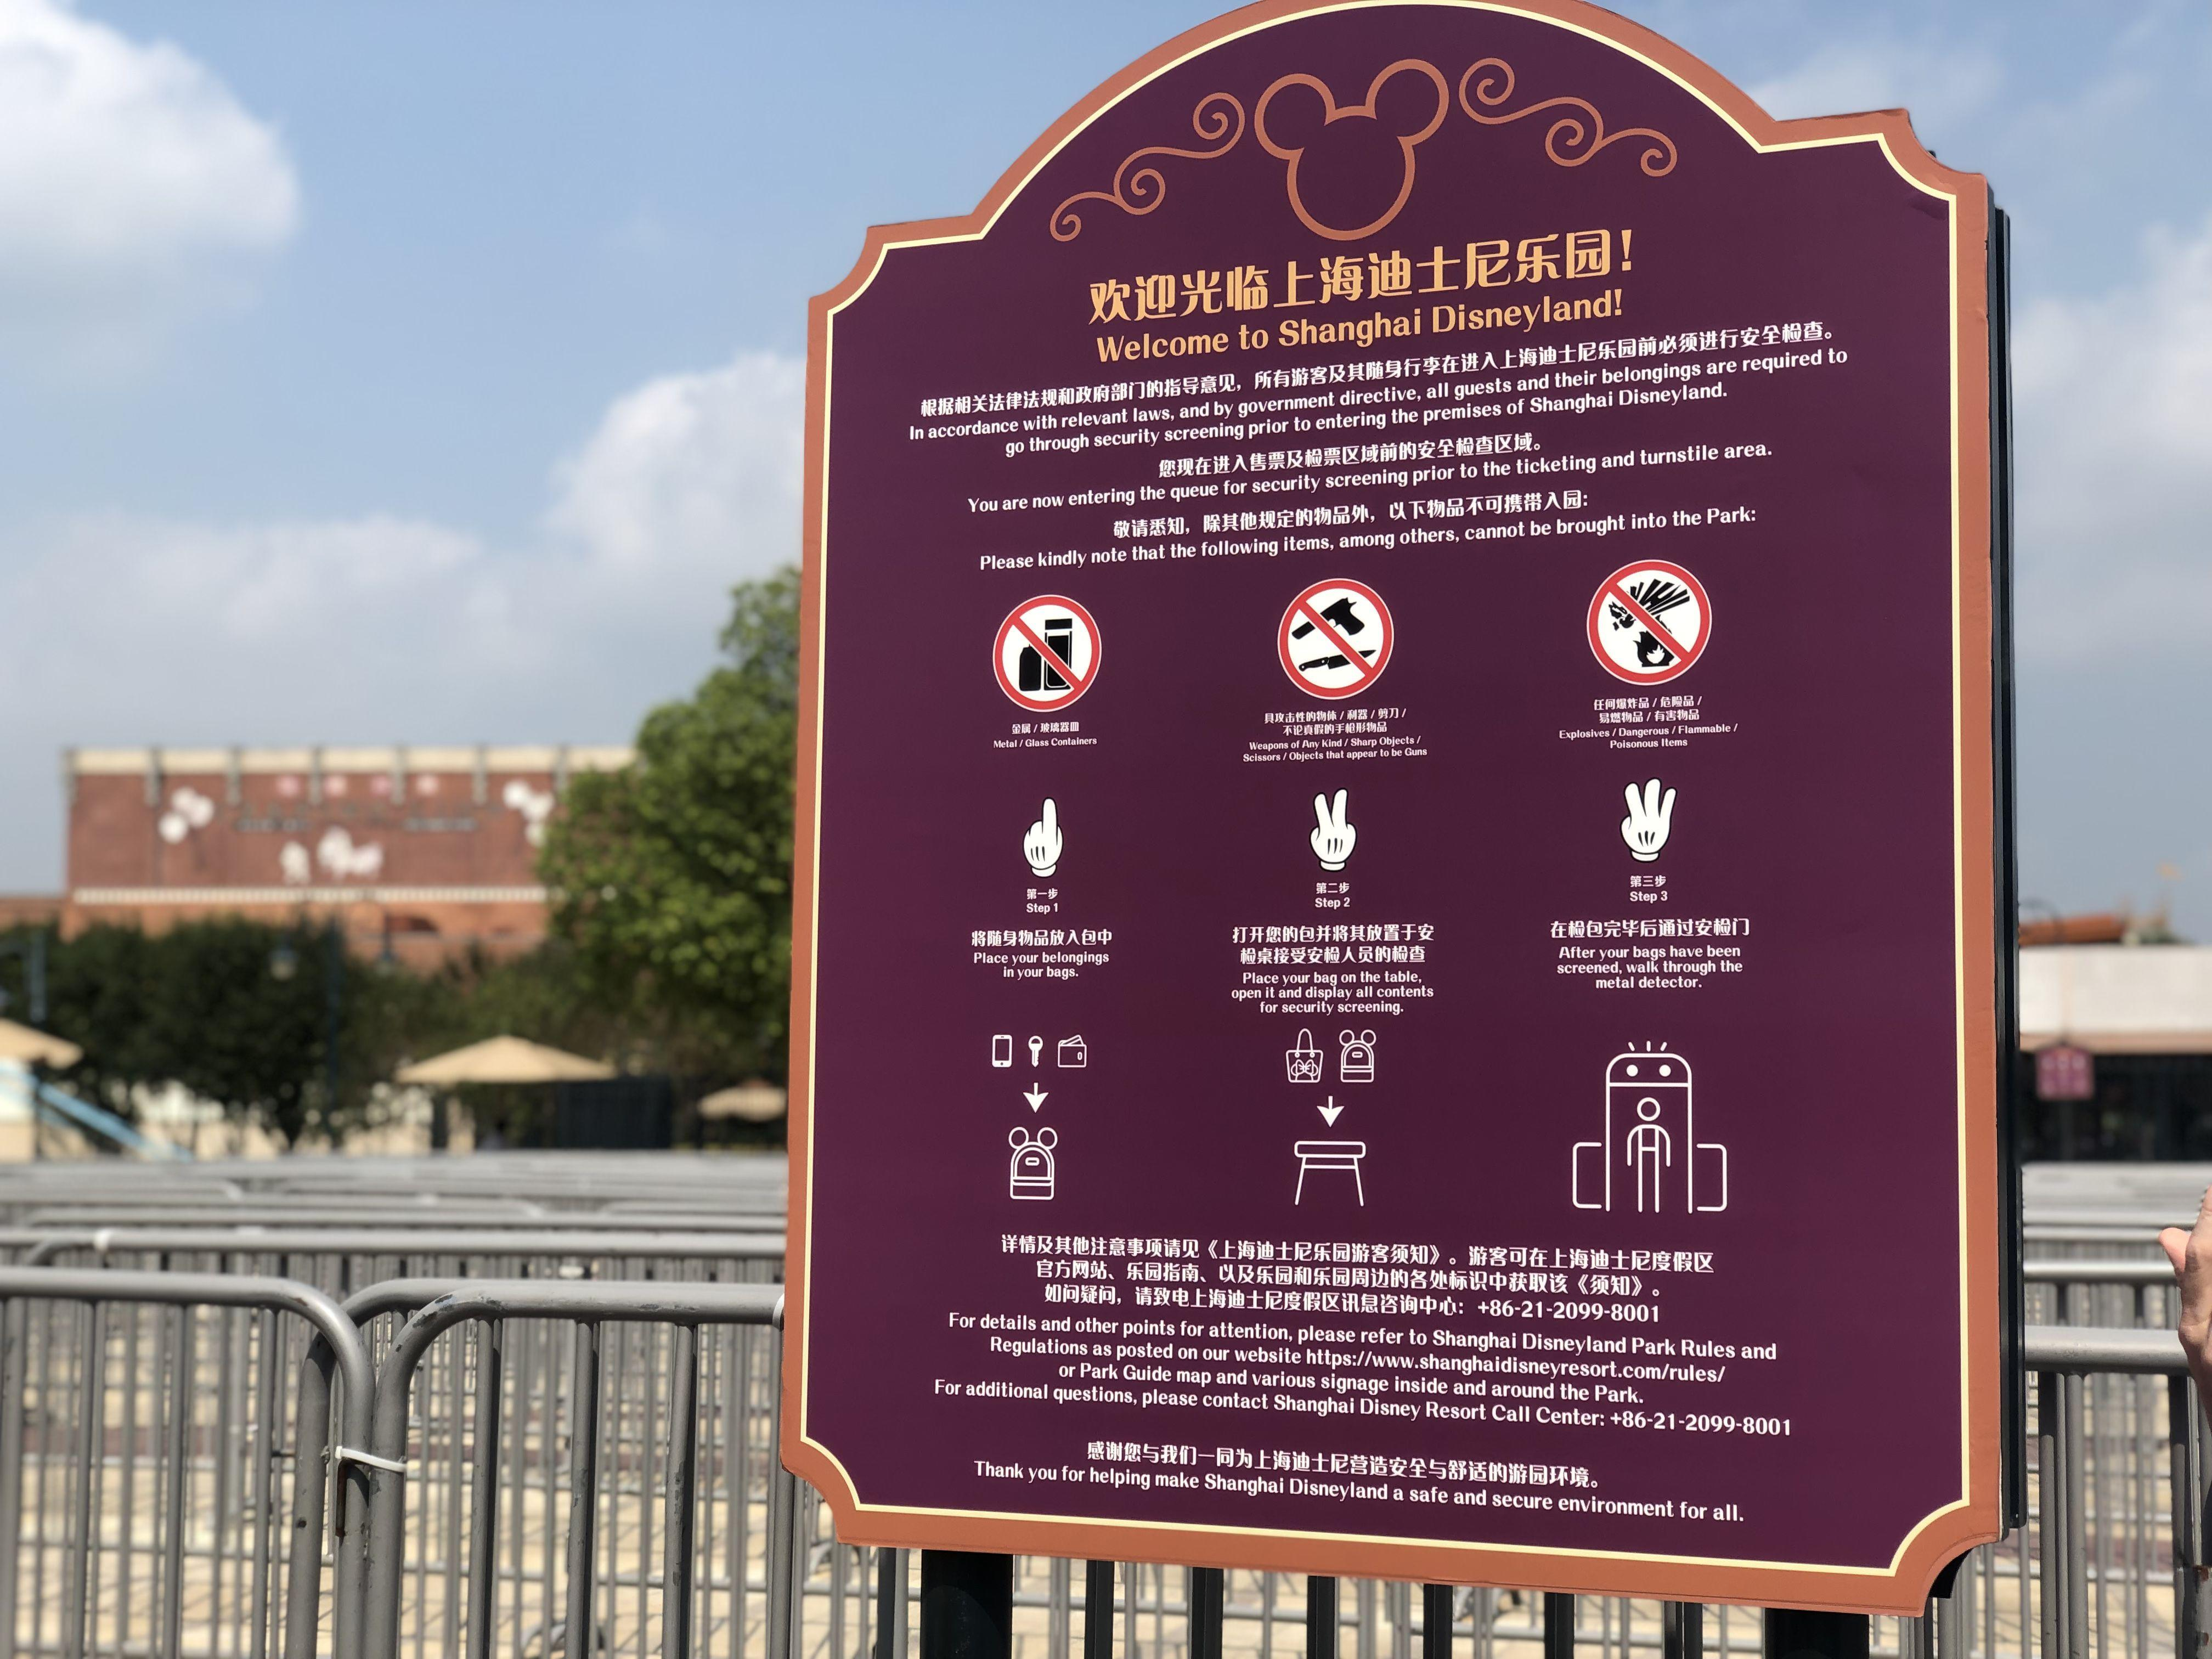 上海迪士尼乐园新规:包检以目视和外部触摸为主